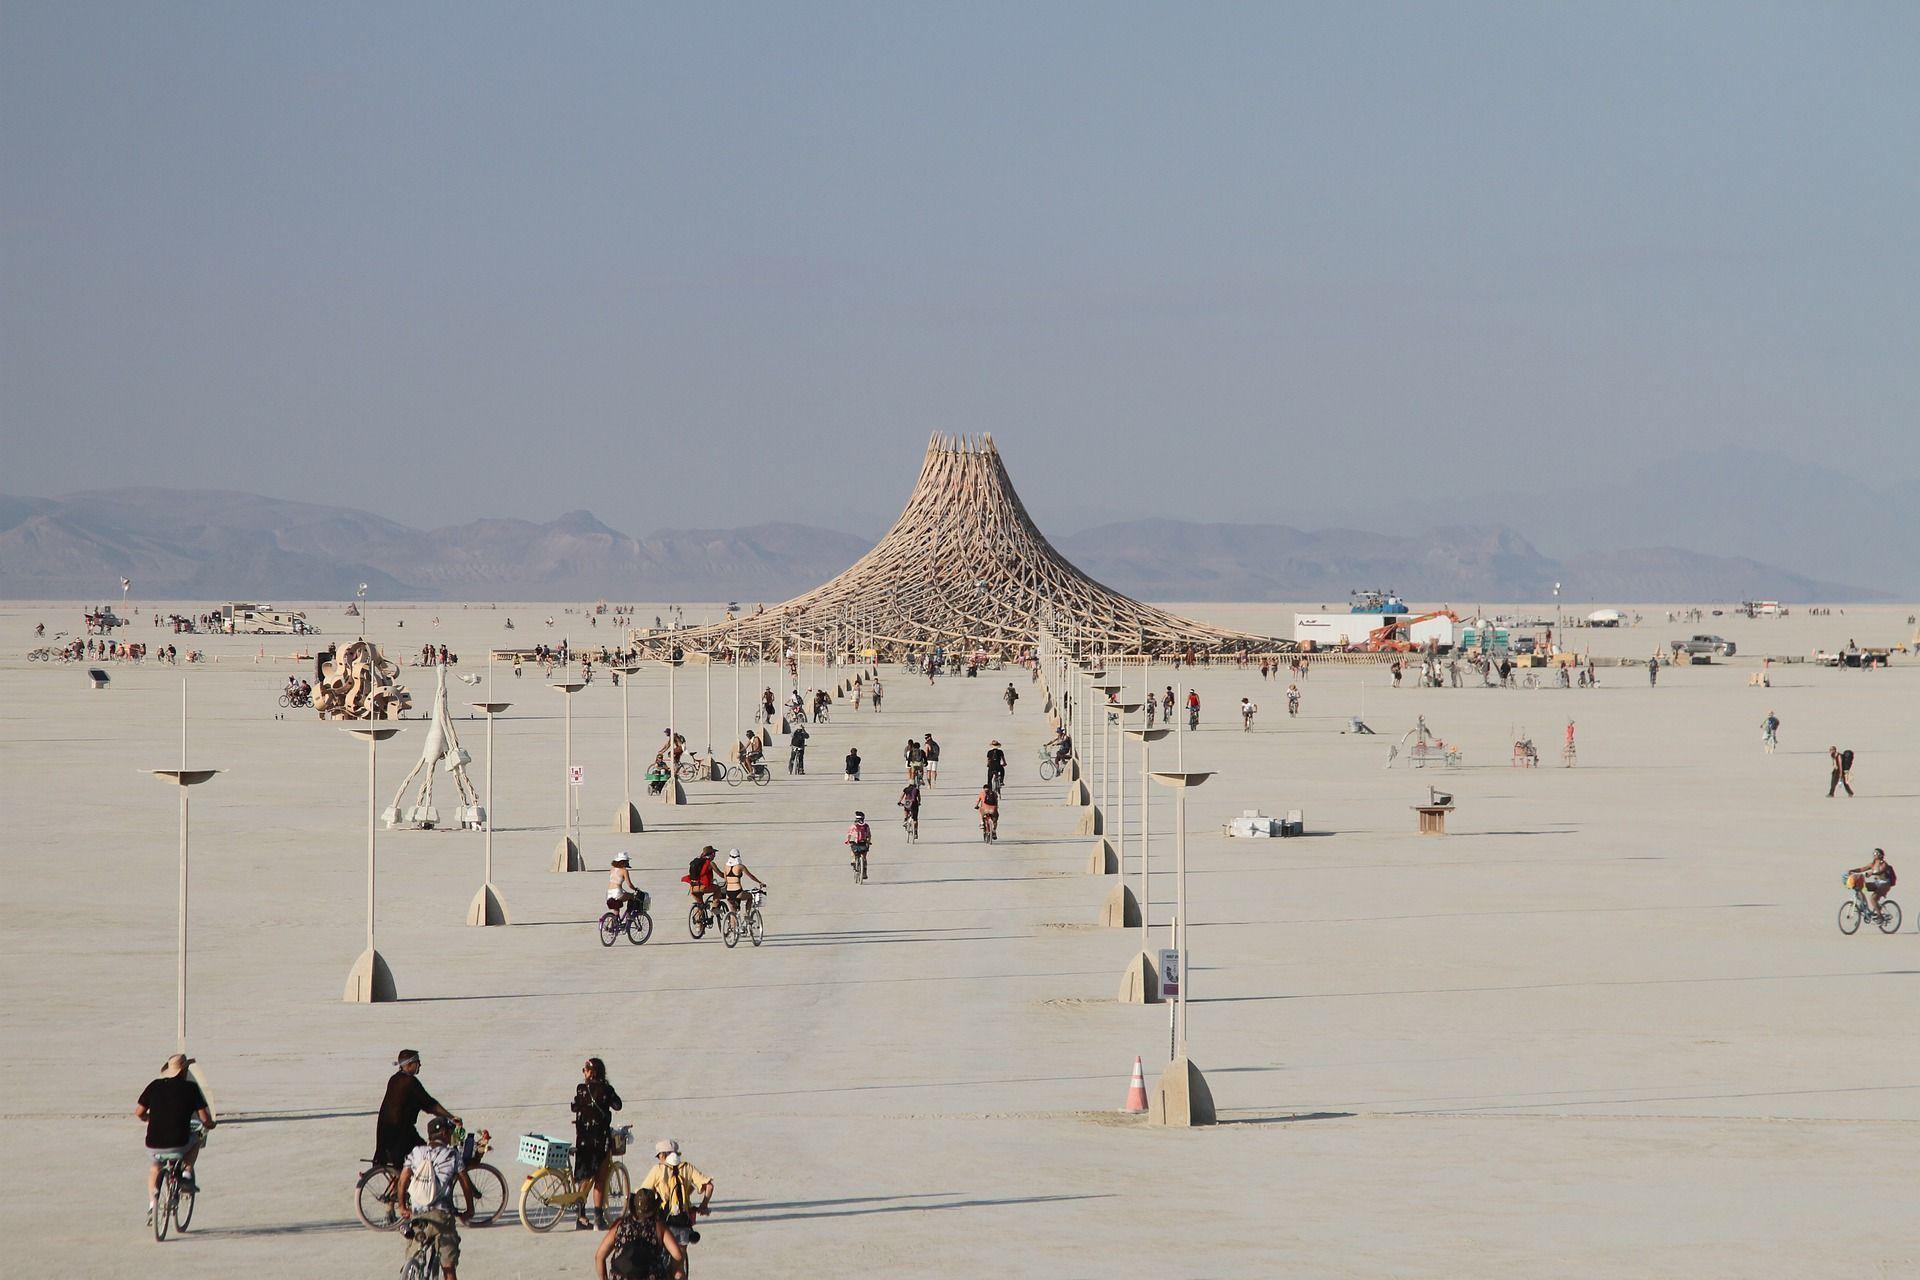 ครั้งแรกของโลก! เทศกาลดนตรีระดับโลก Burning Man เปิดตัวคอนเสิร์ตออนไลน์